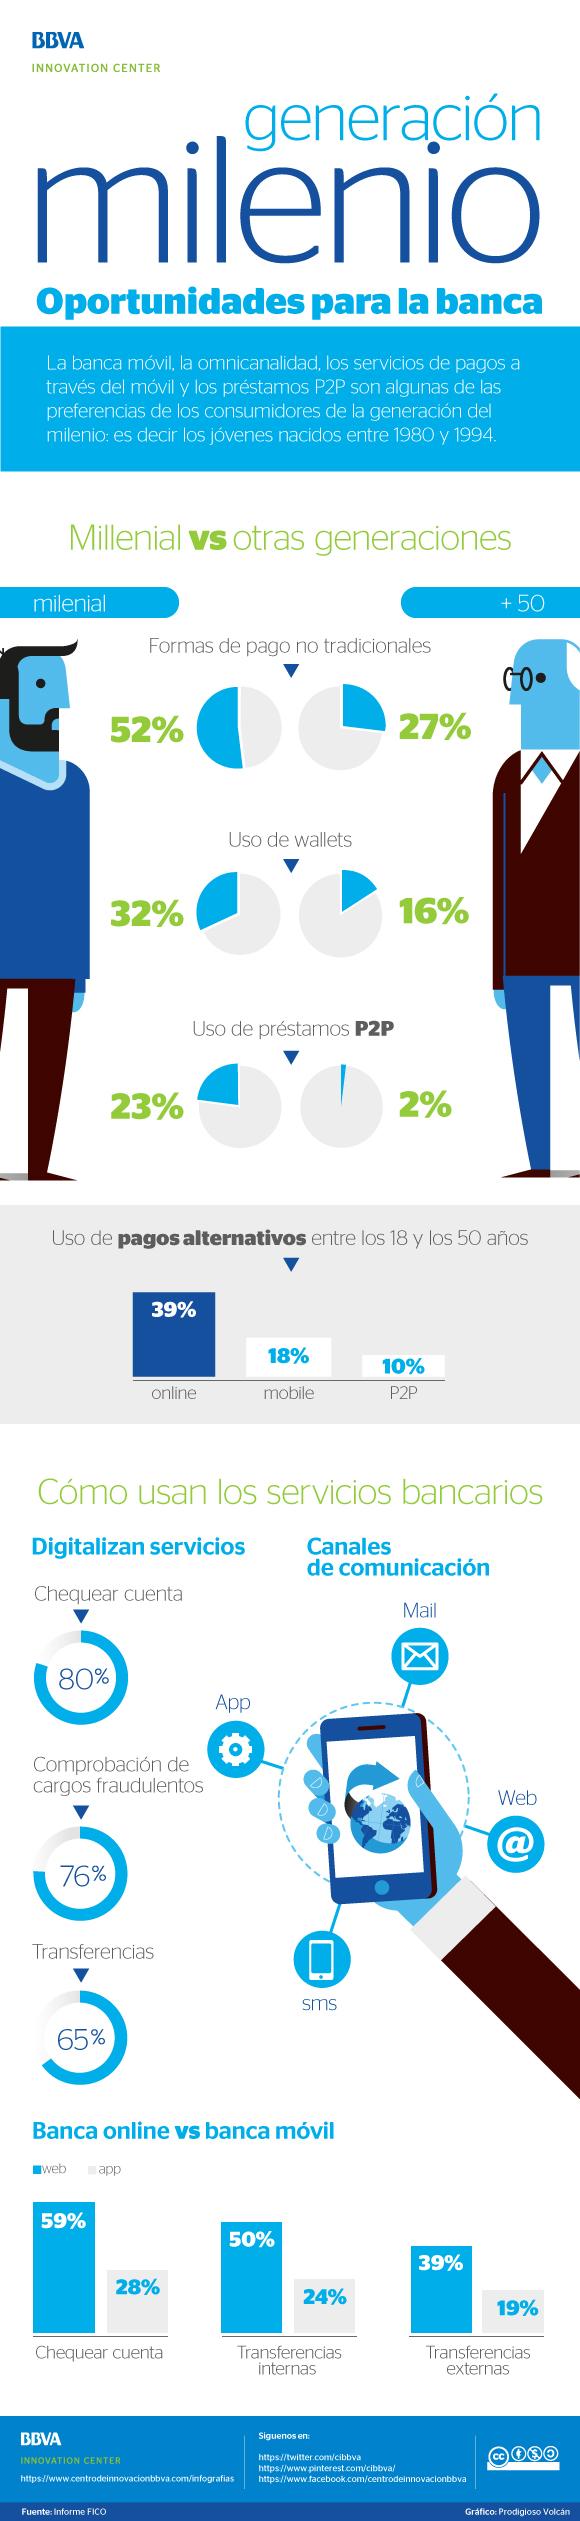 Generacion-milenio-oportunidades-para-banca